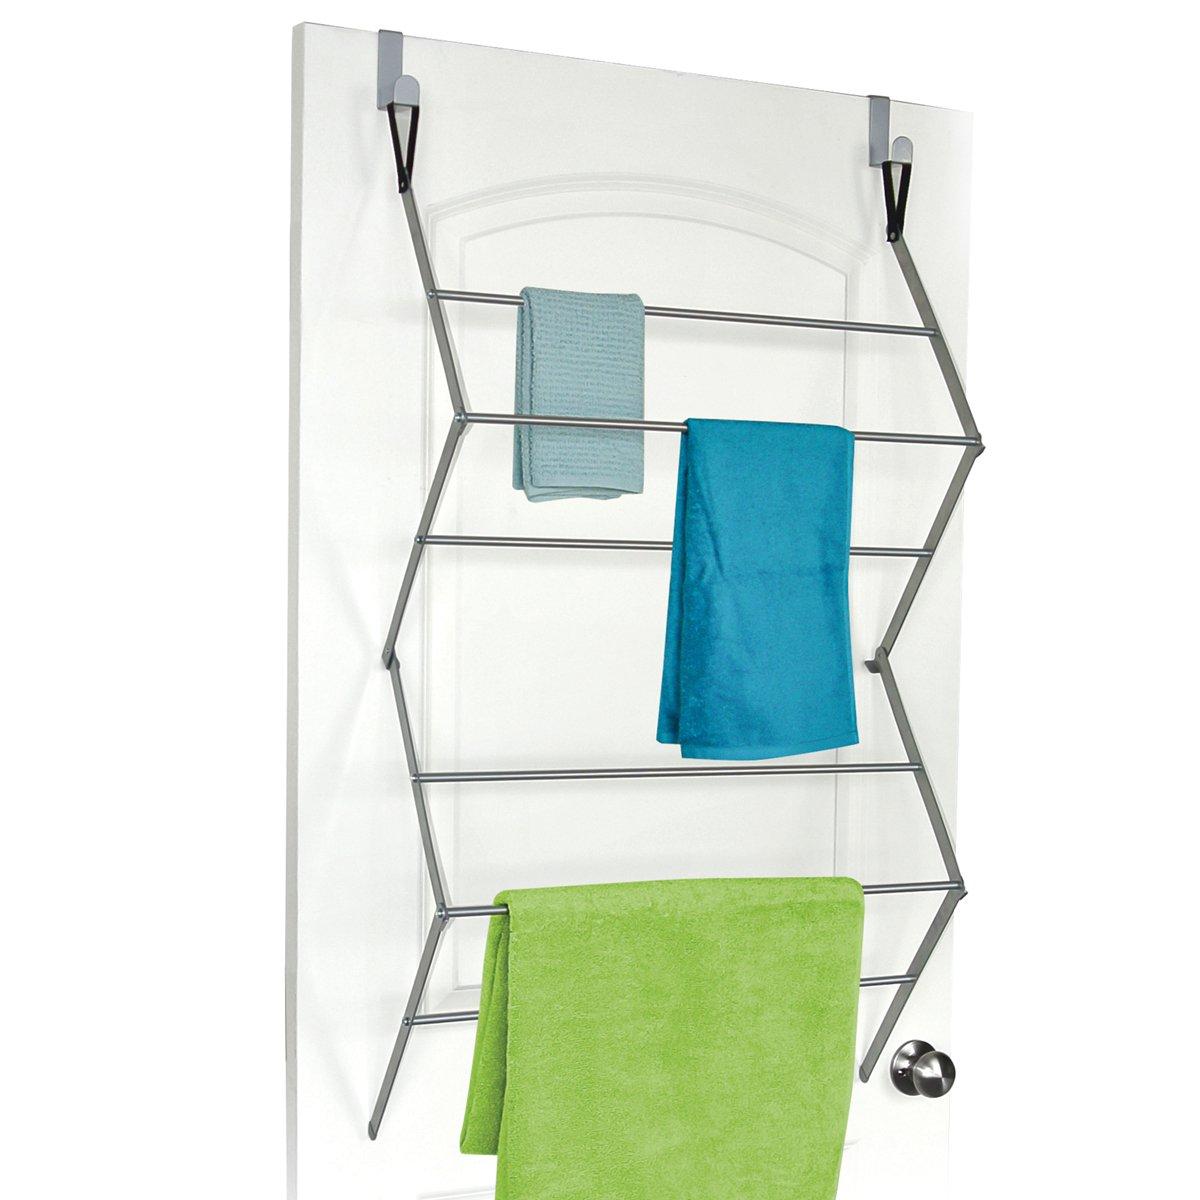 HOMZ Over-The-Door Towel and Garment Drying Rack, Metal, Silver